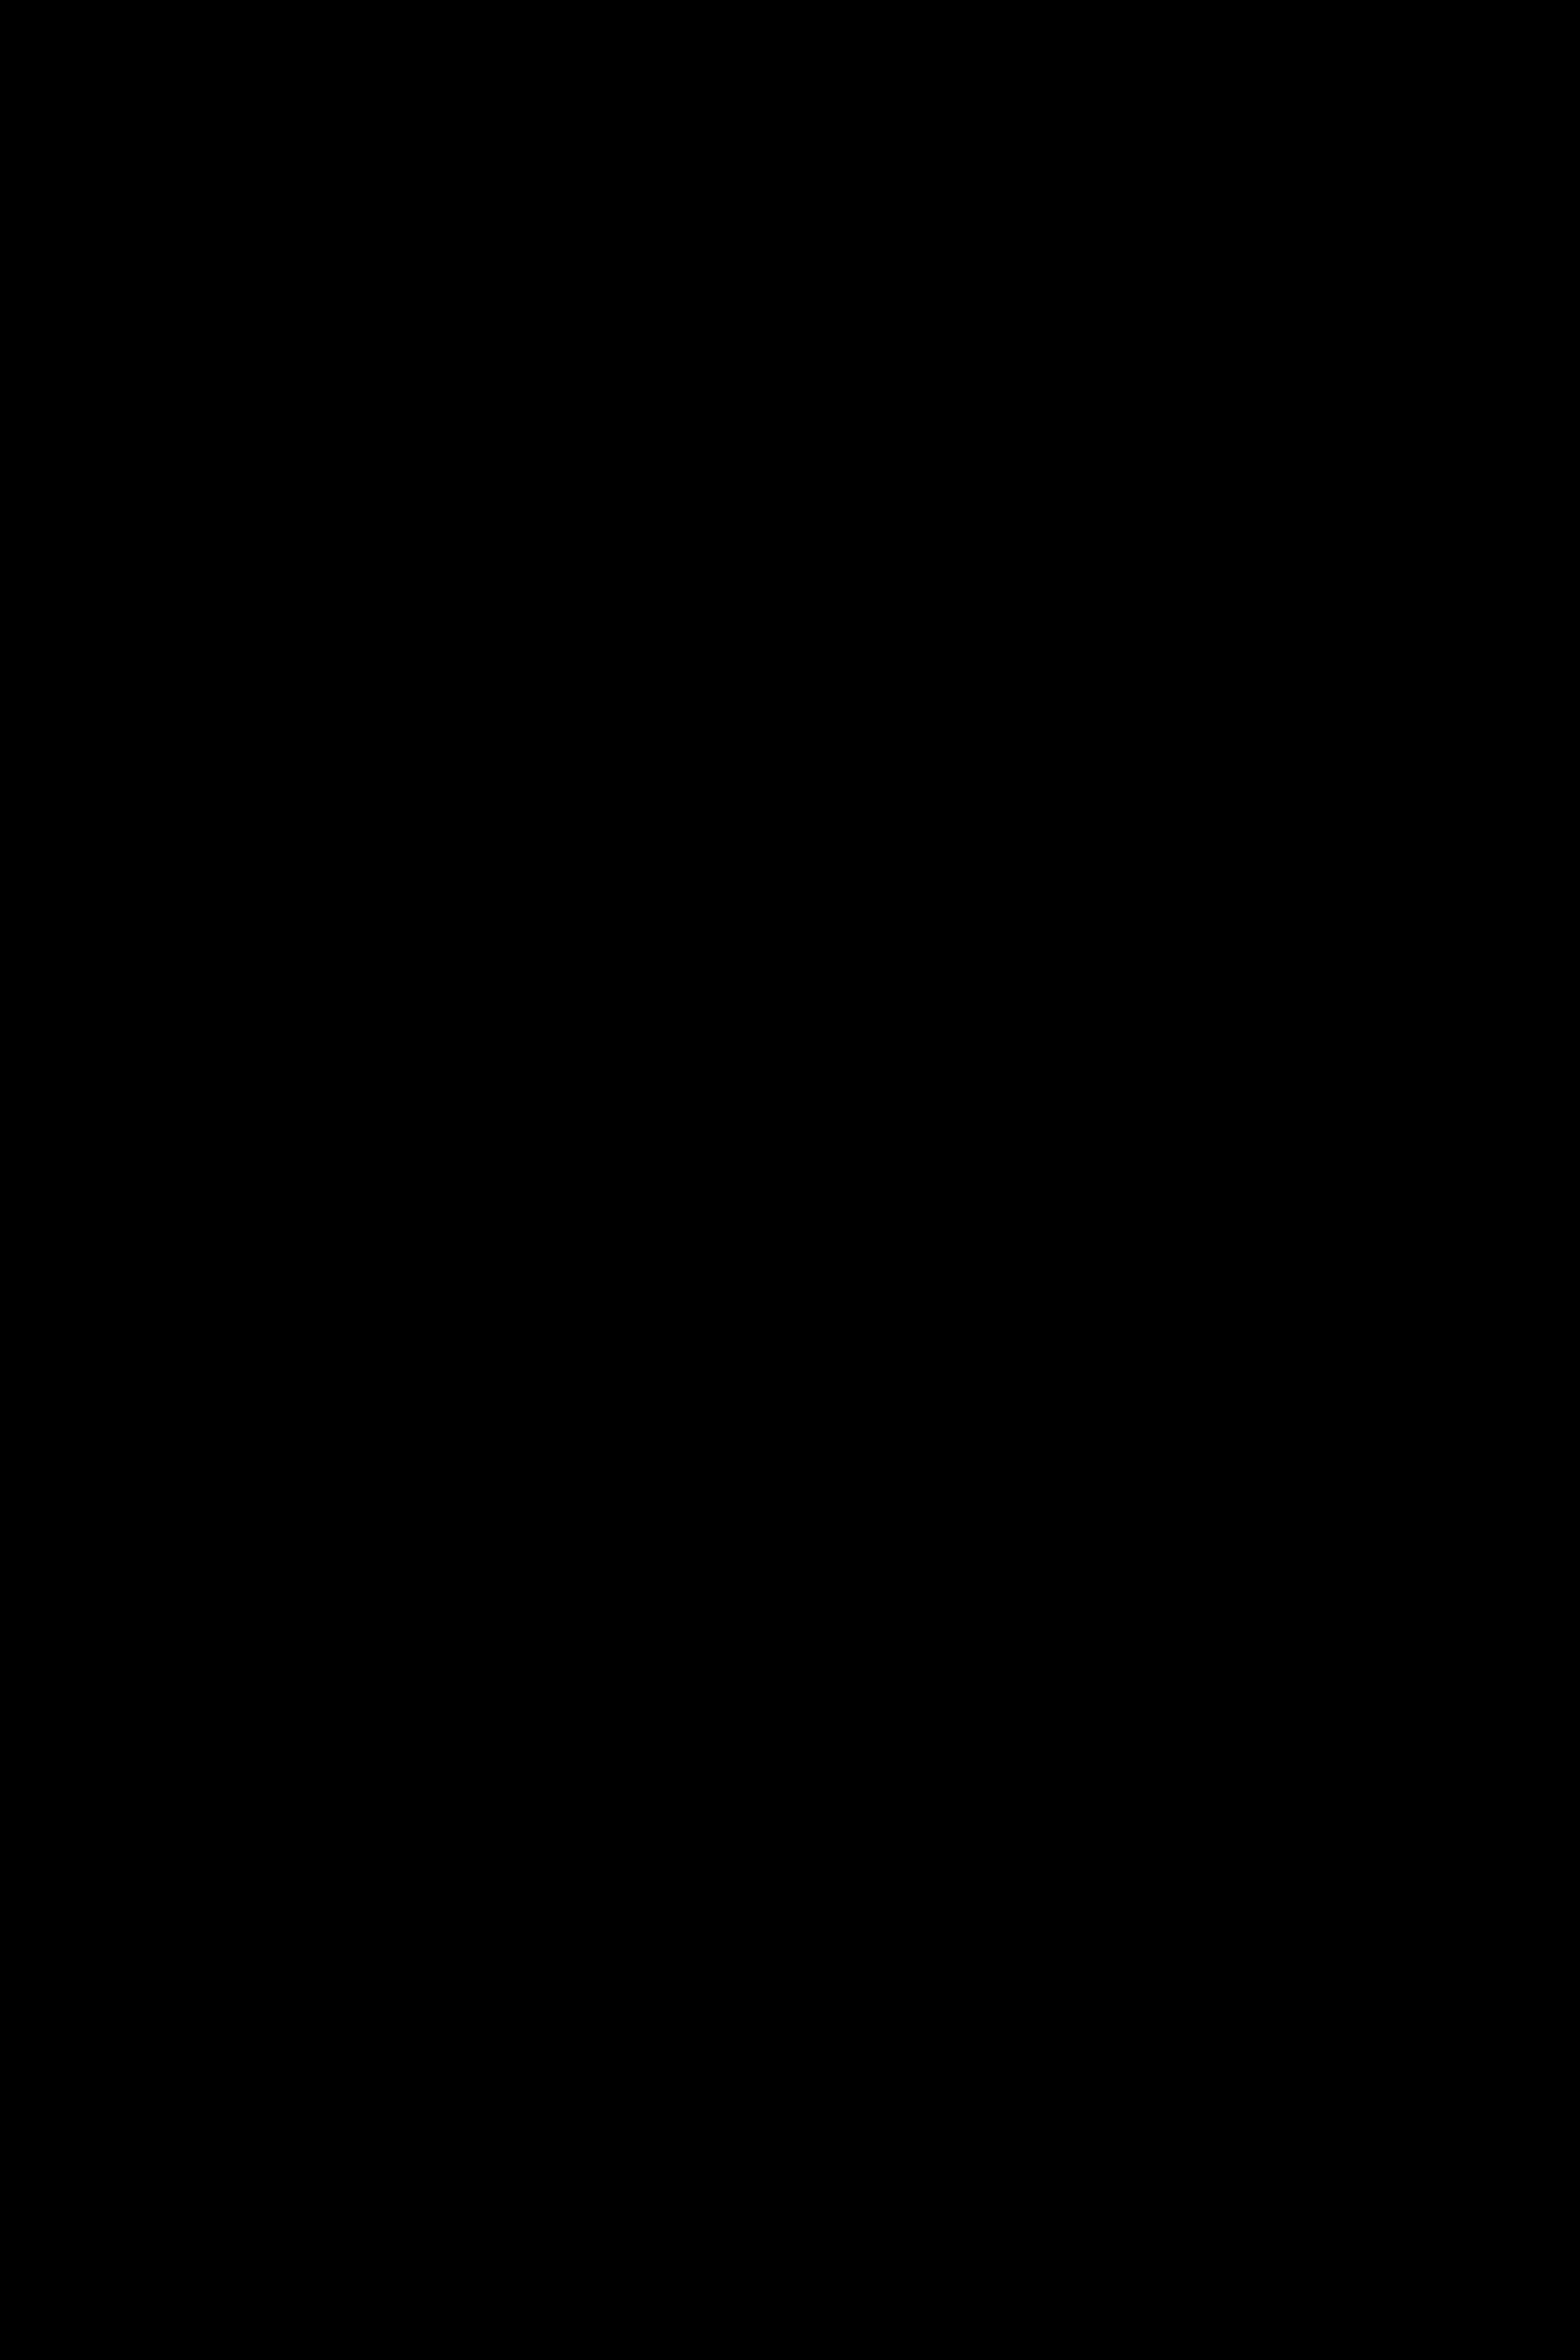 April | AWP Women